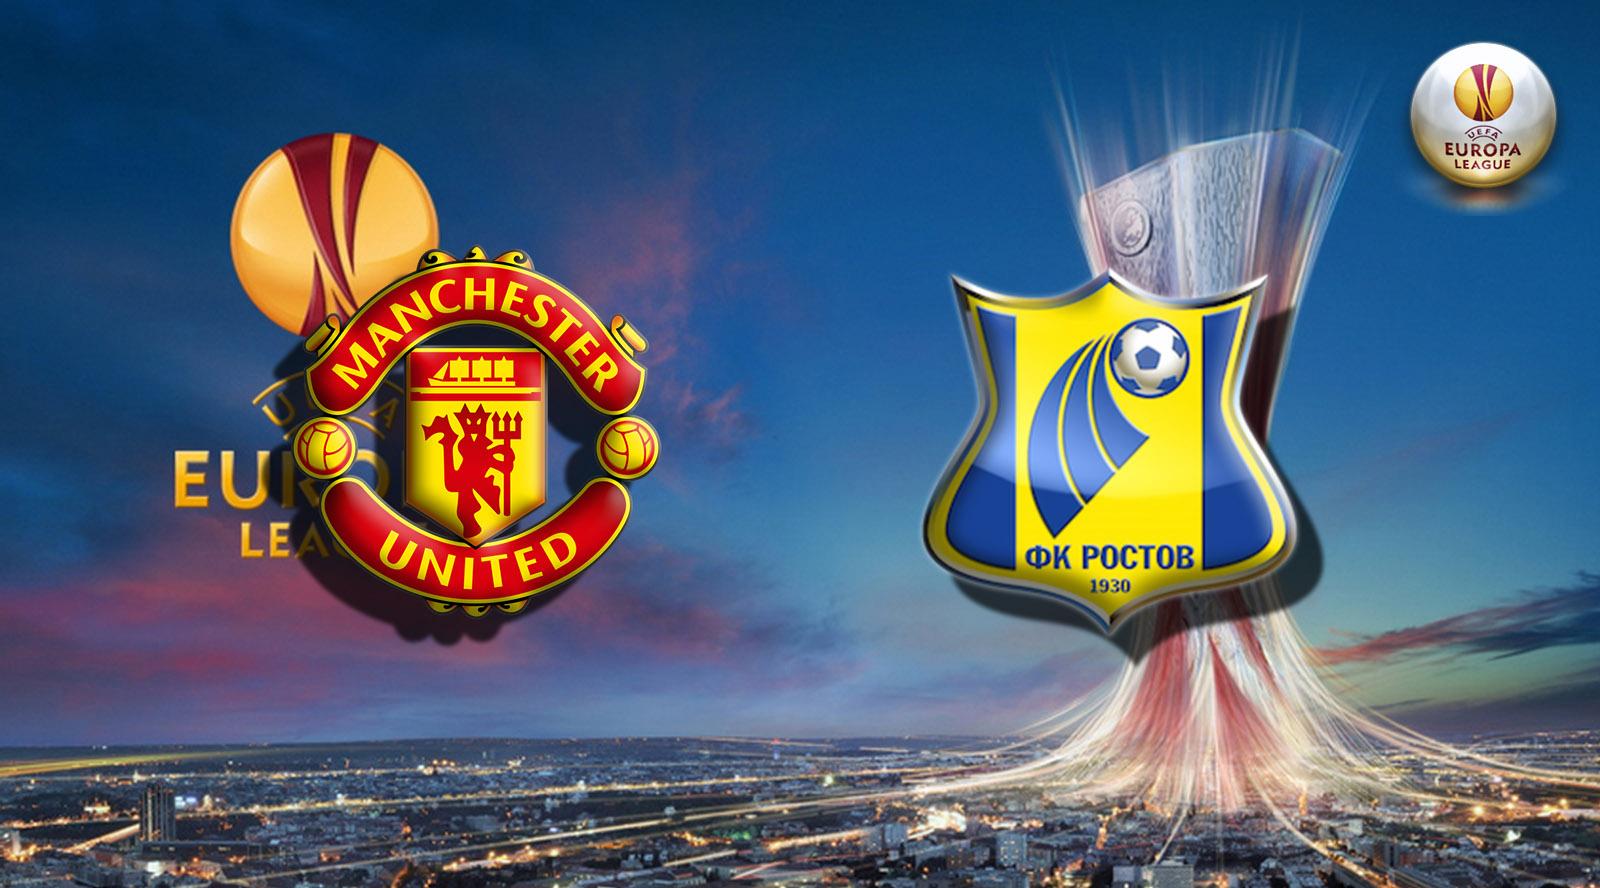 Прогноз на матч Манчестер Юнайтед - Ростов 16 марта 2017